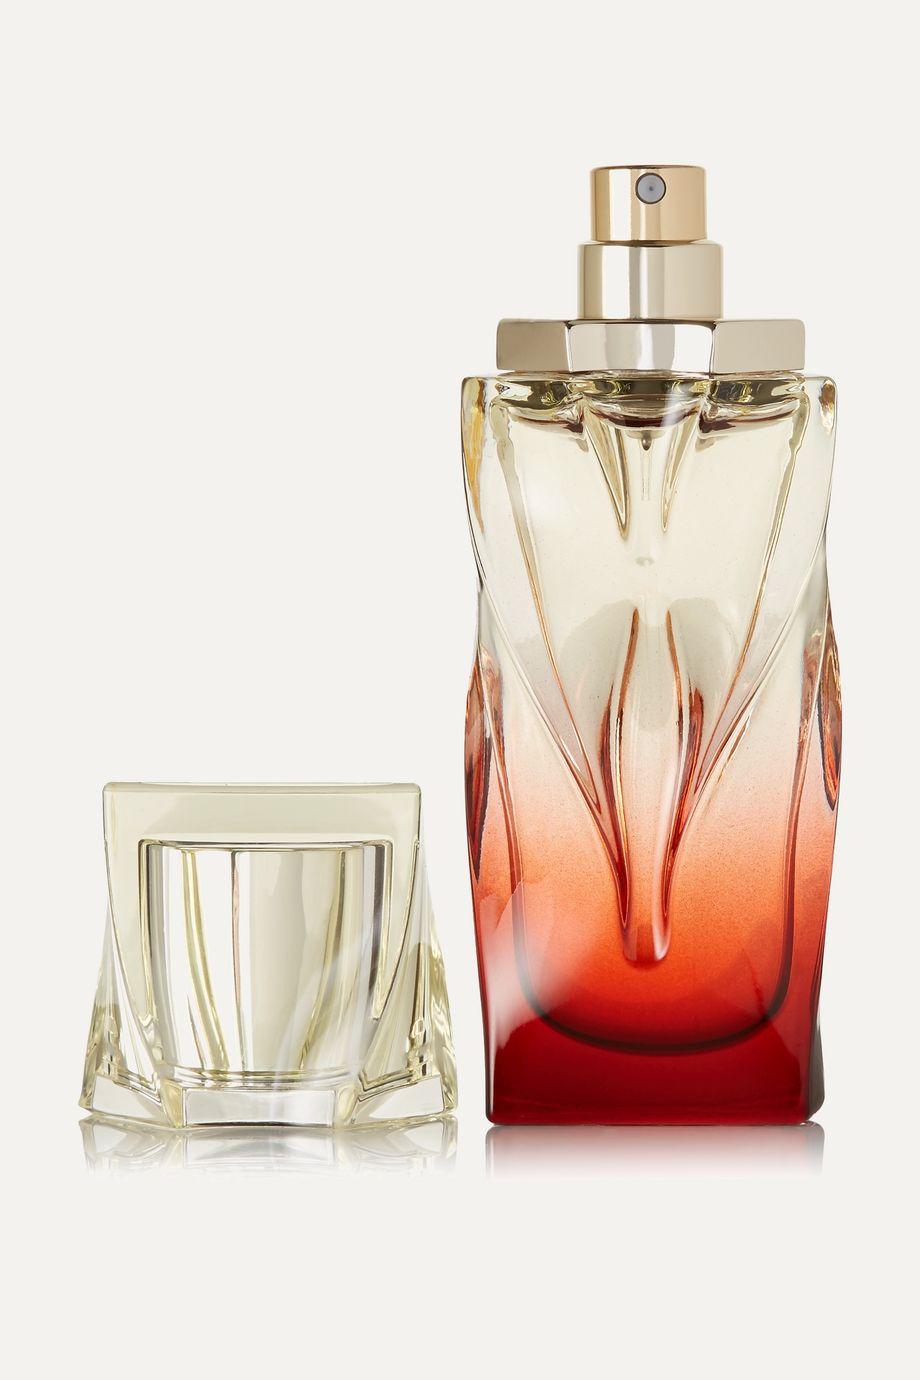 Christian Louboutin Beauty Tornade Blonde Parfum, 30ml